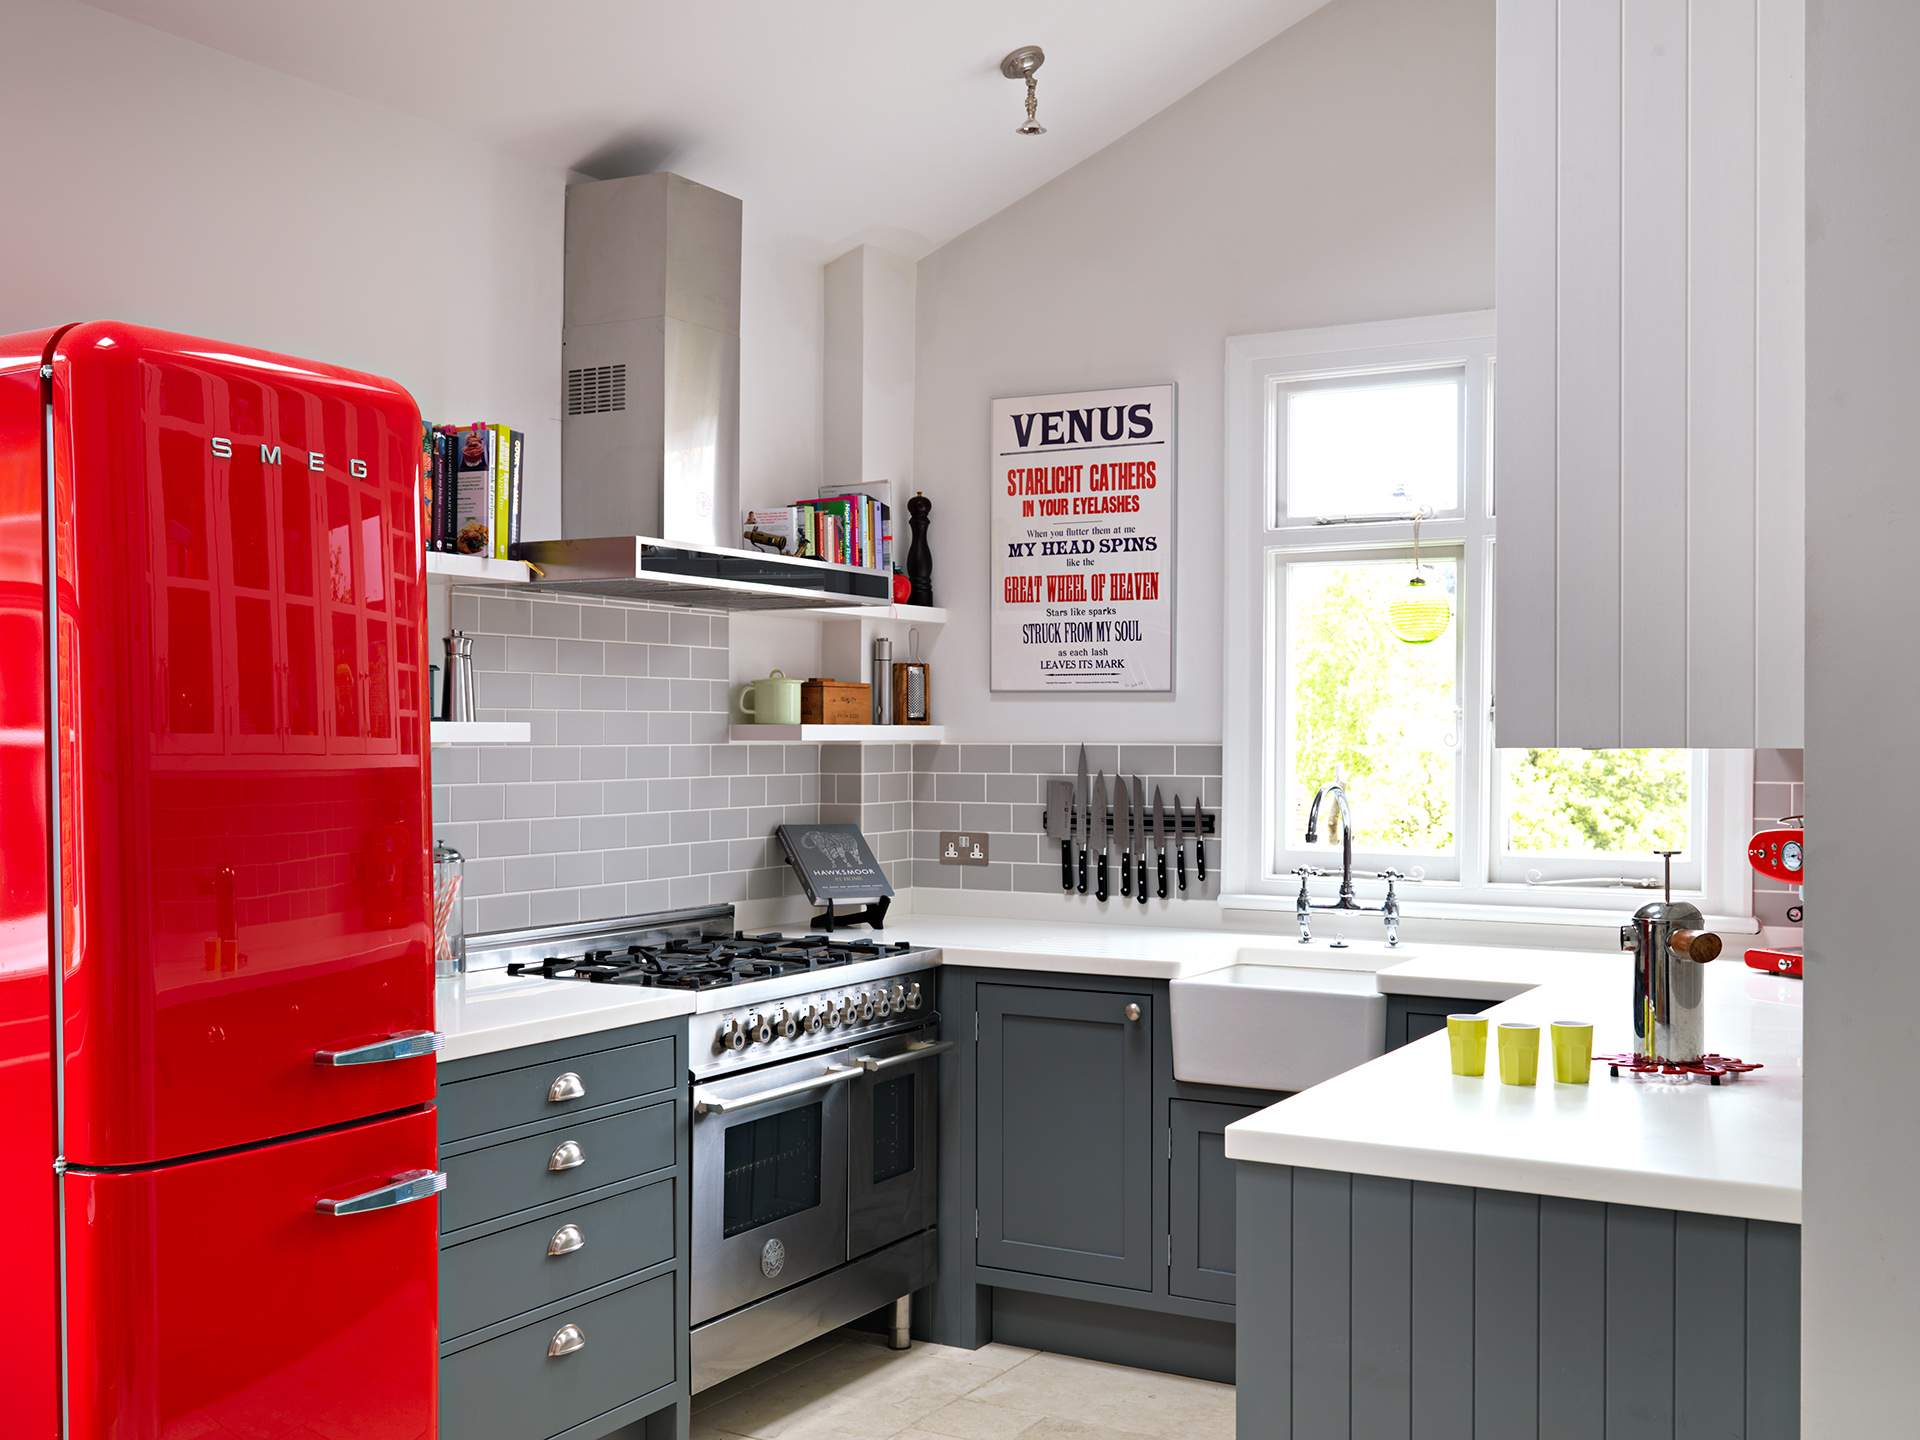 ديكورات 2019 ديكورات 13-cherry-red-fridge